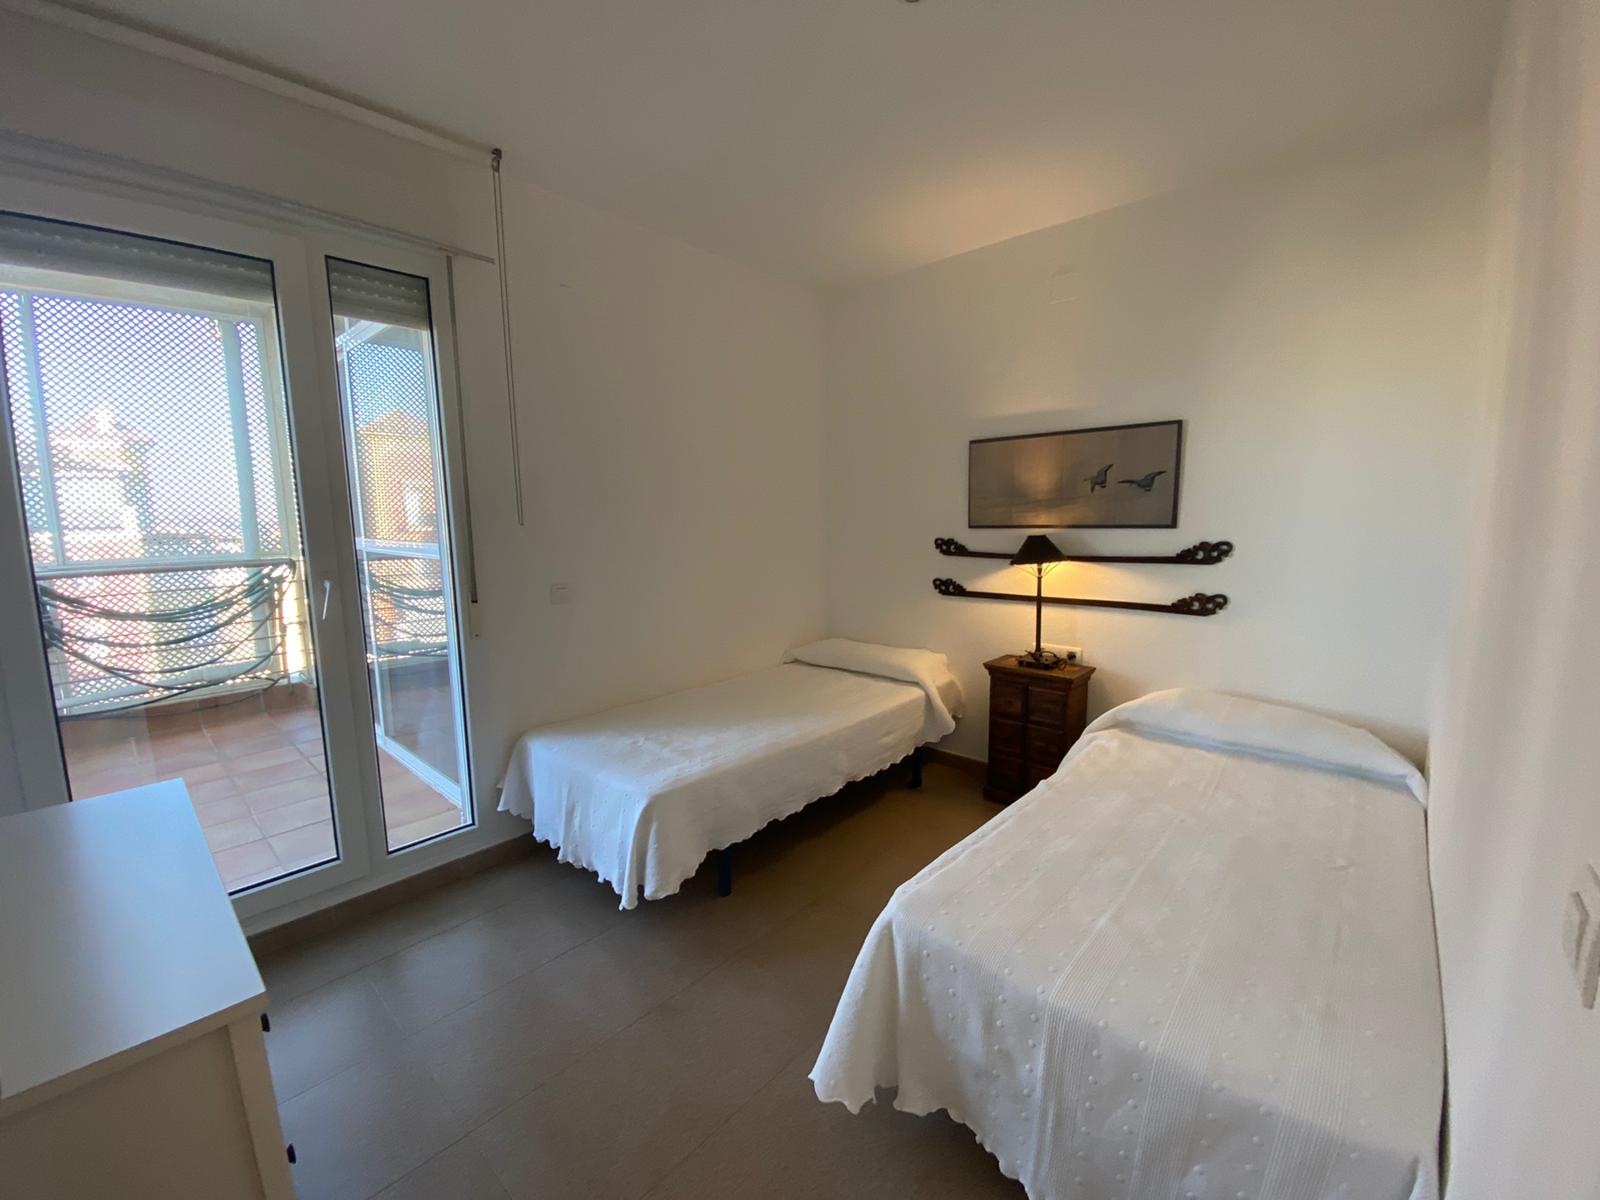 Imagen 6 del Apartamento Turístico, Ático 4 Levante, Frontal (4d+2b), Punta del Moral (HUELVA), Paseo de la Cruz nº22